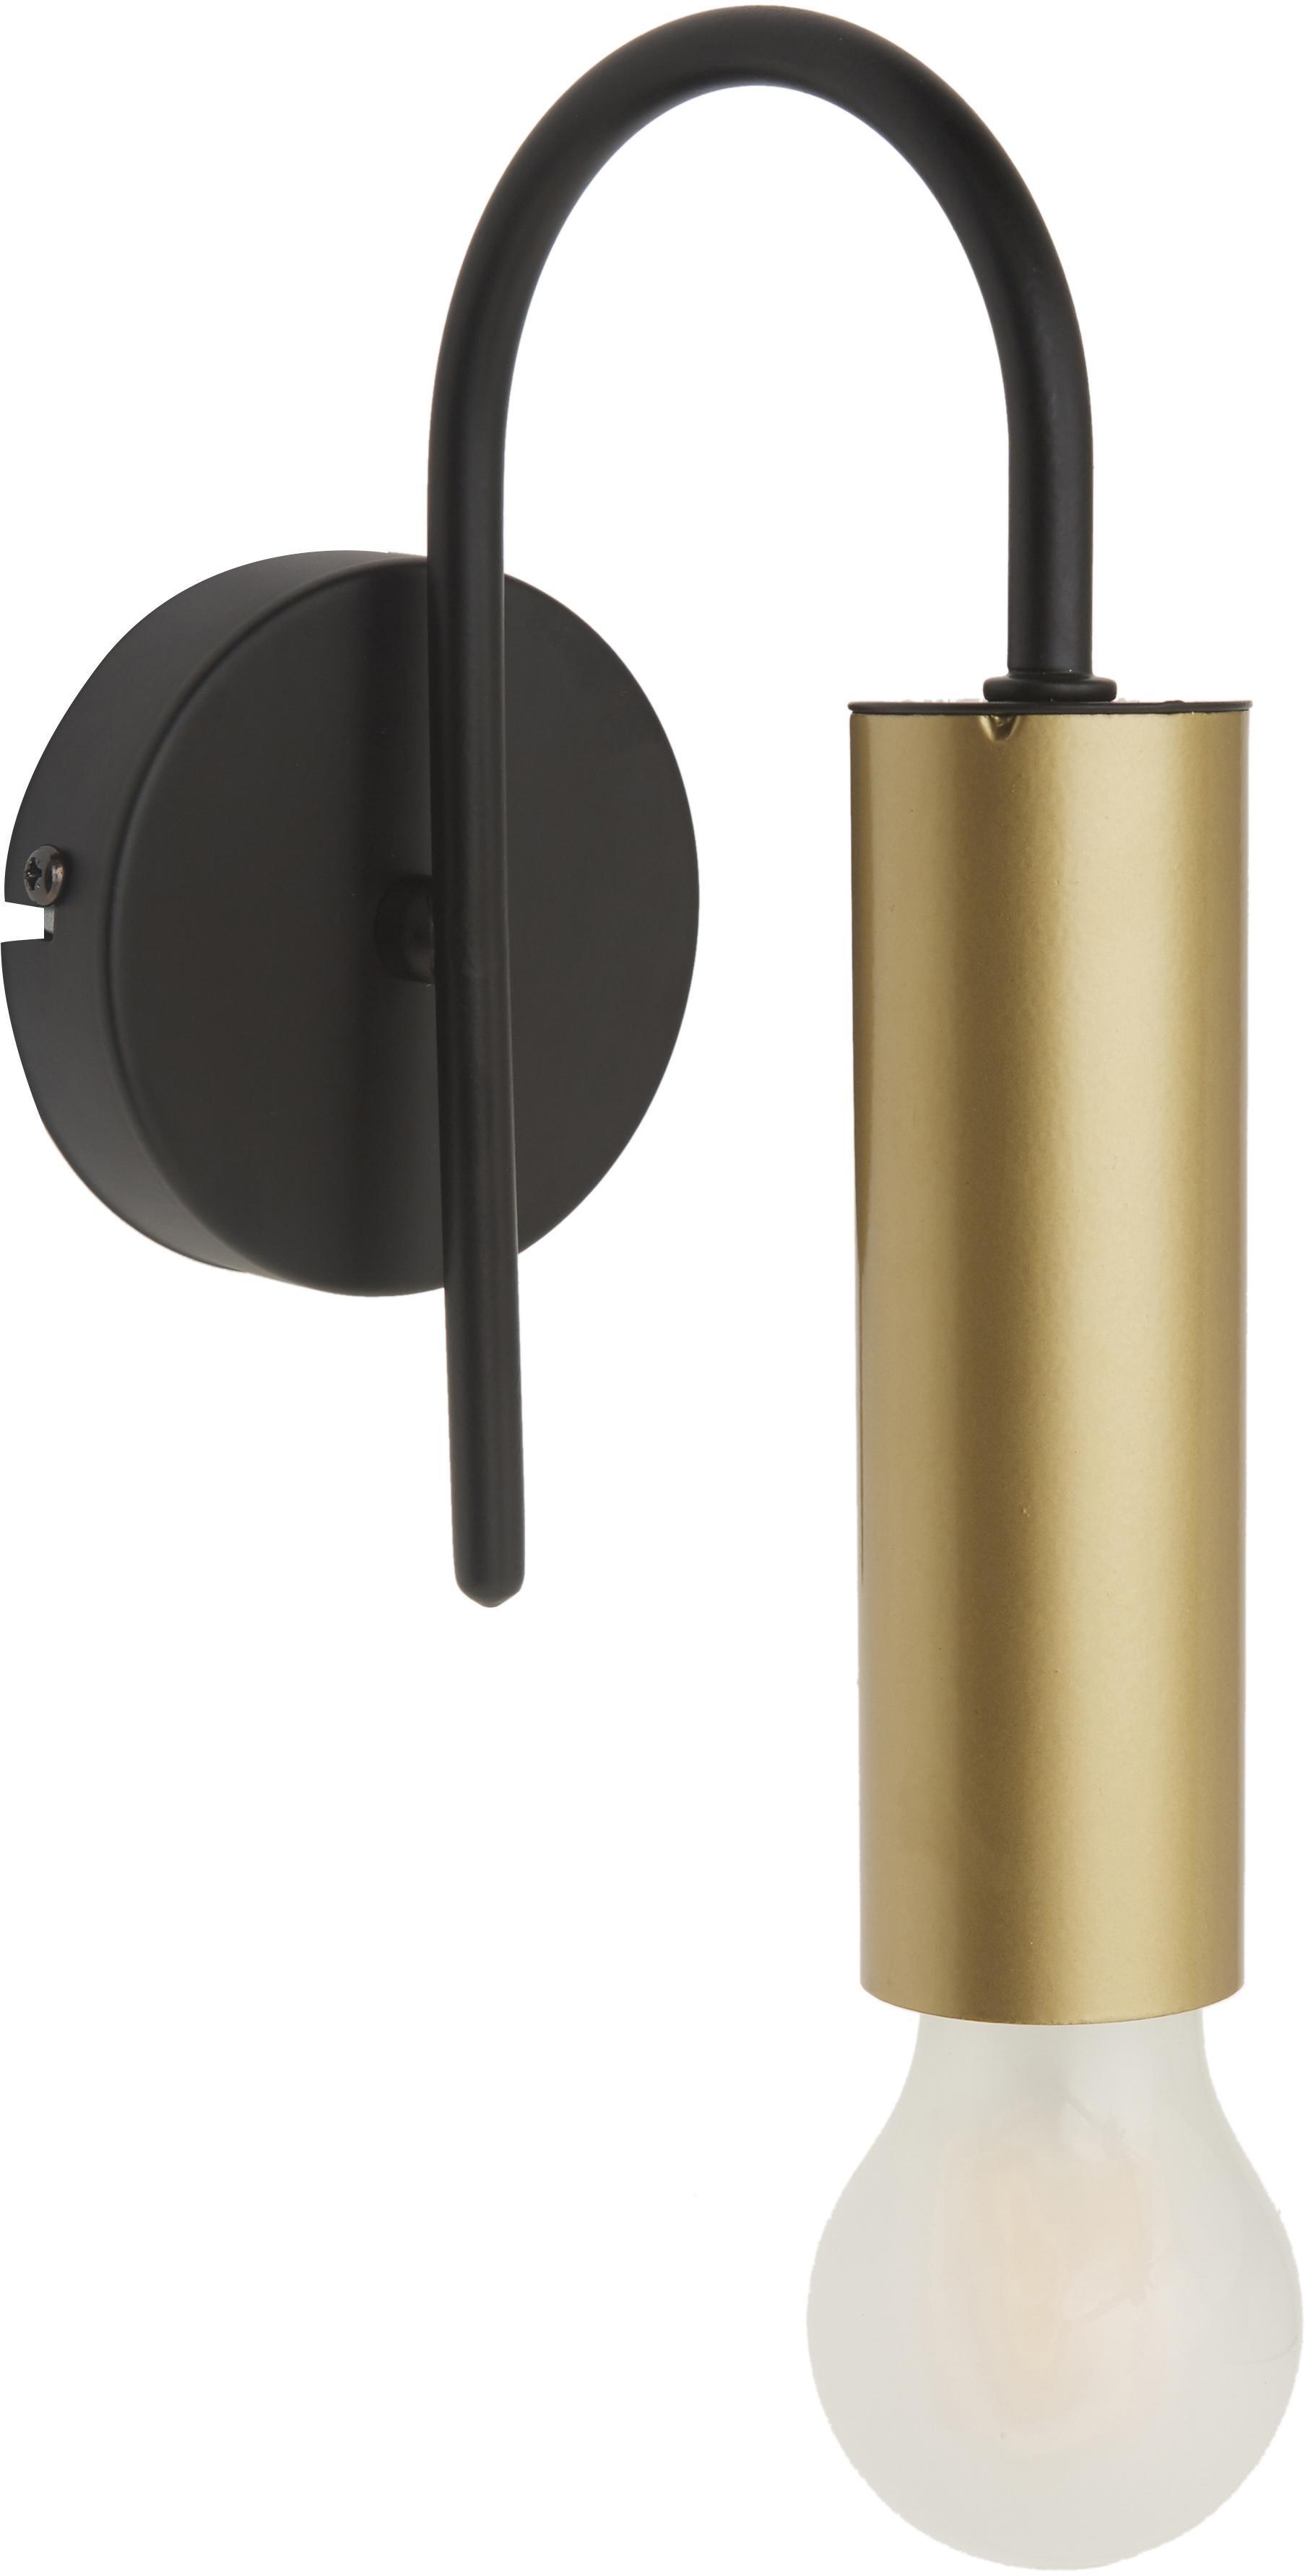 Wandleuchte Loppe, Metall, lackiert, Messingfarben, Schwarz, 10 x 21 cm